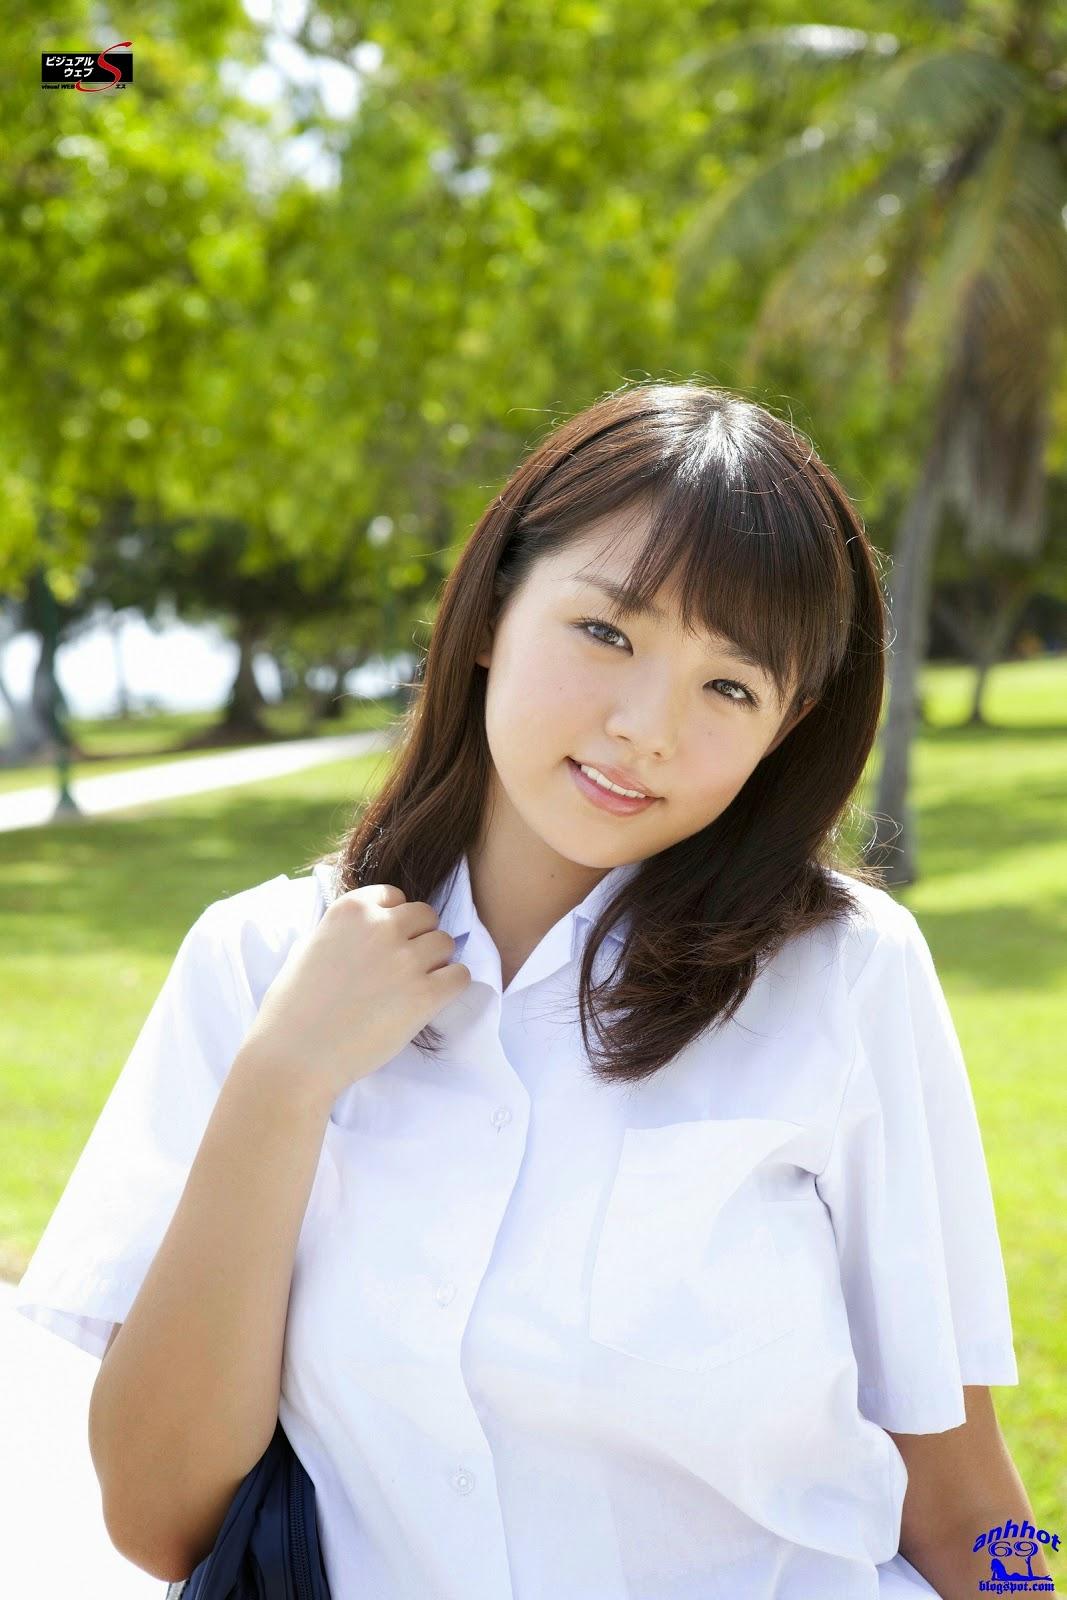 ai-shinozaki-00907466